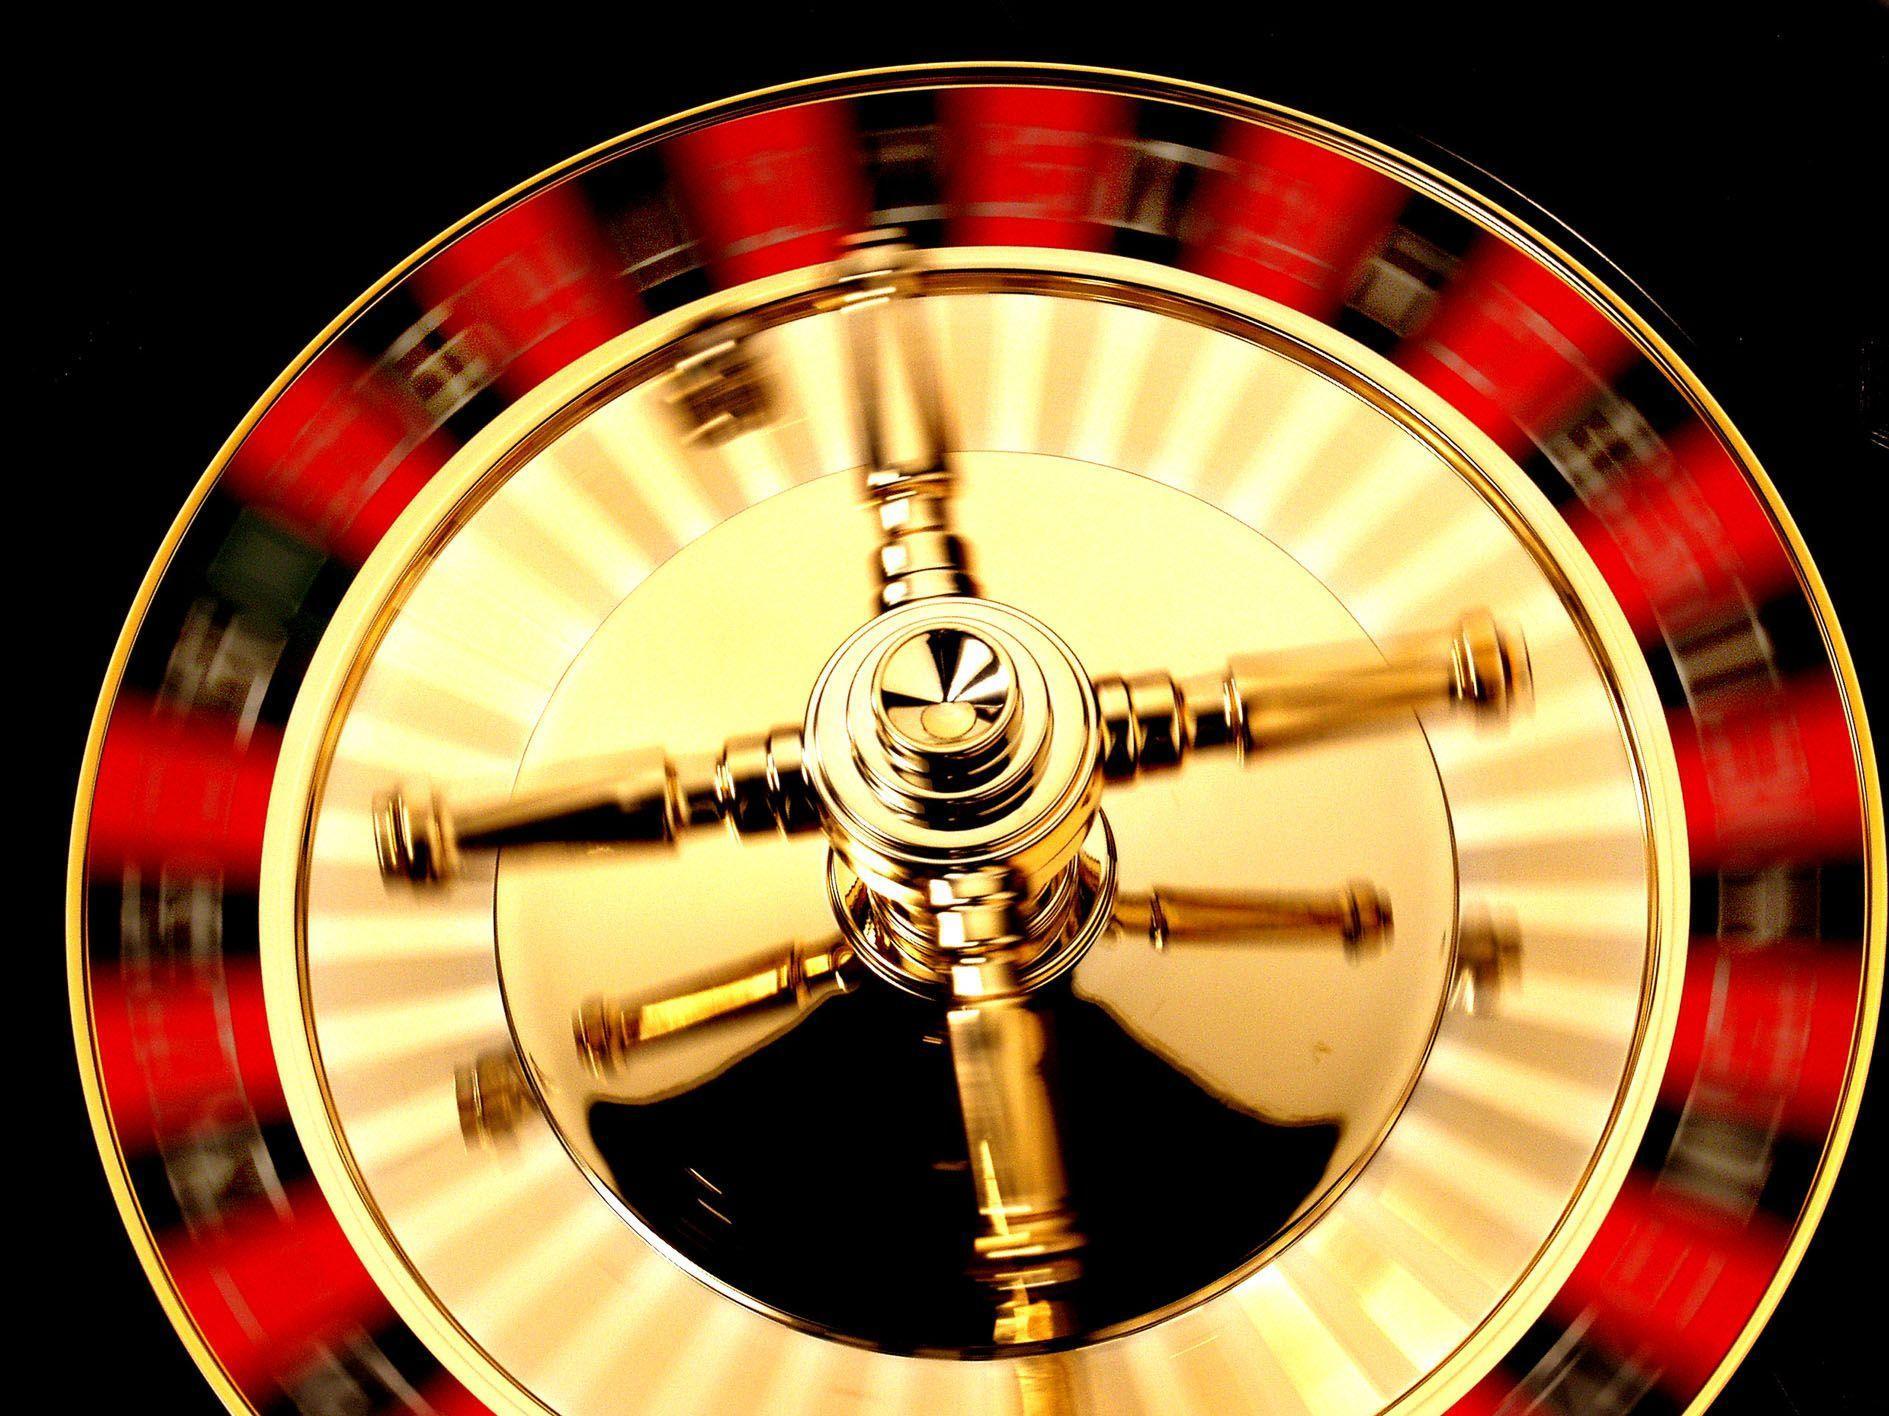 Die Regierung muss nun laut Gericht die Casinokonzession neu ausschreiben